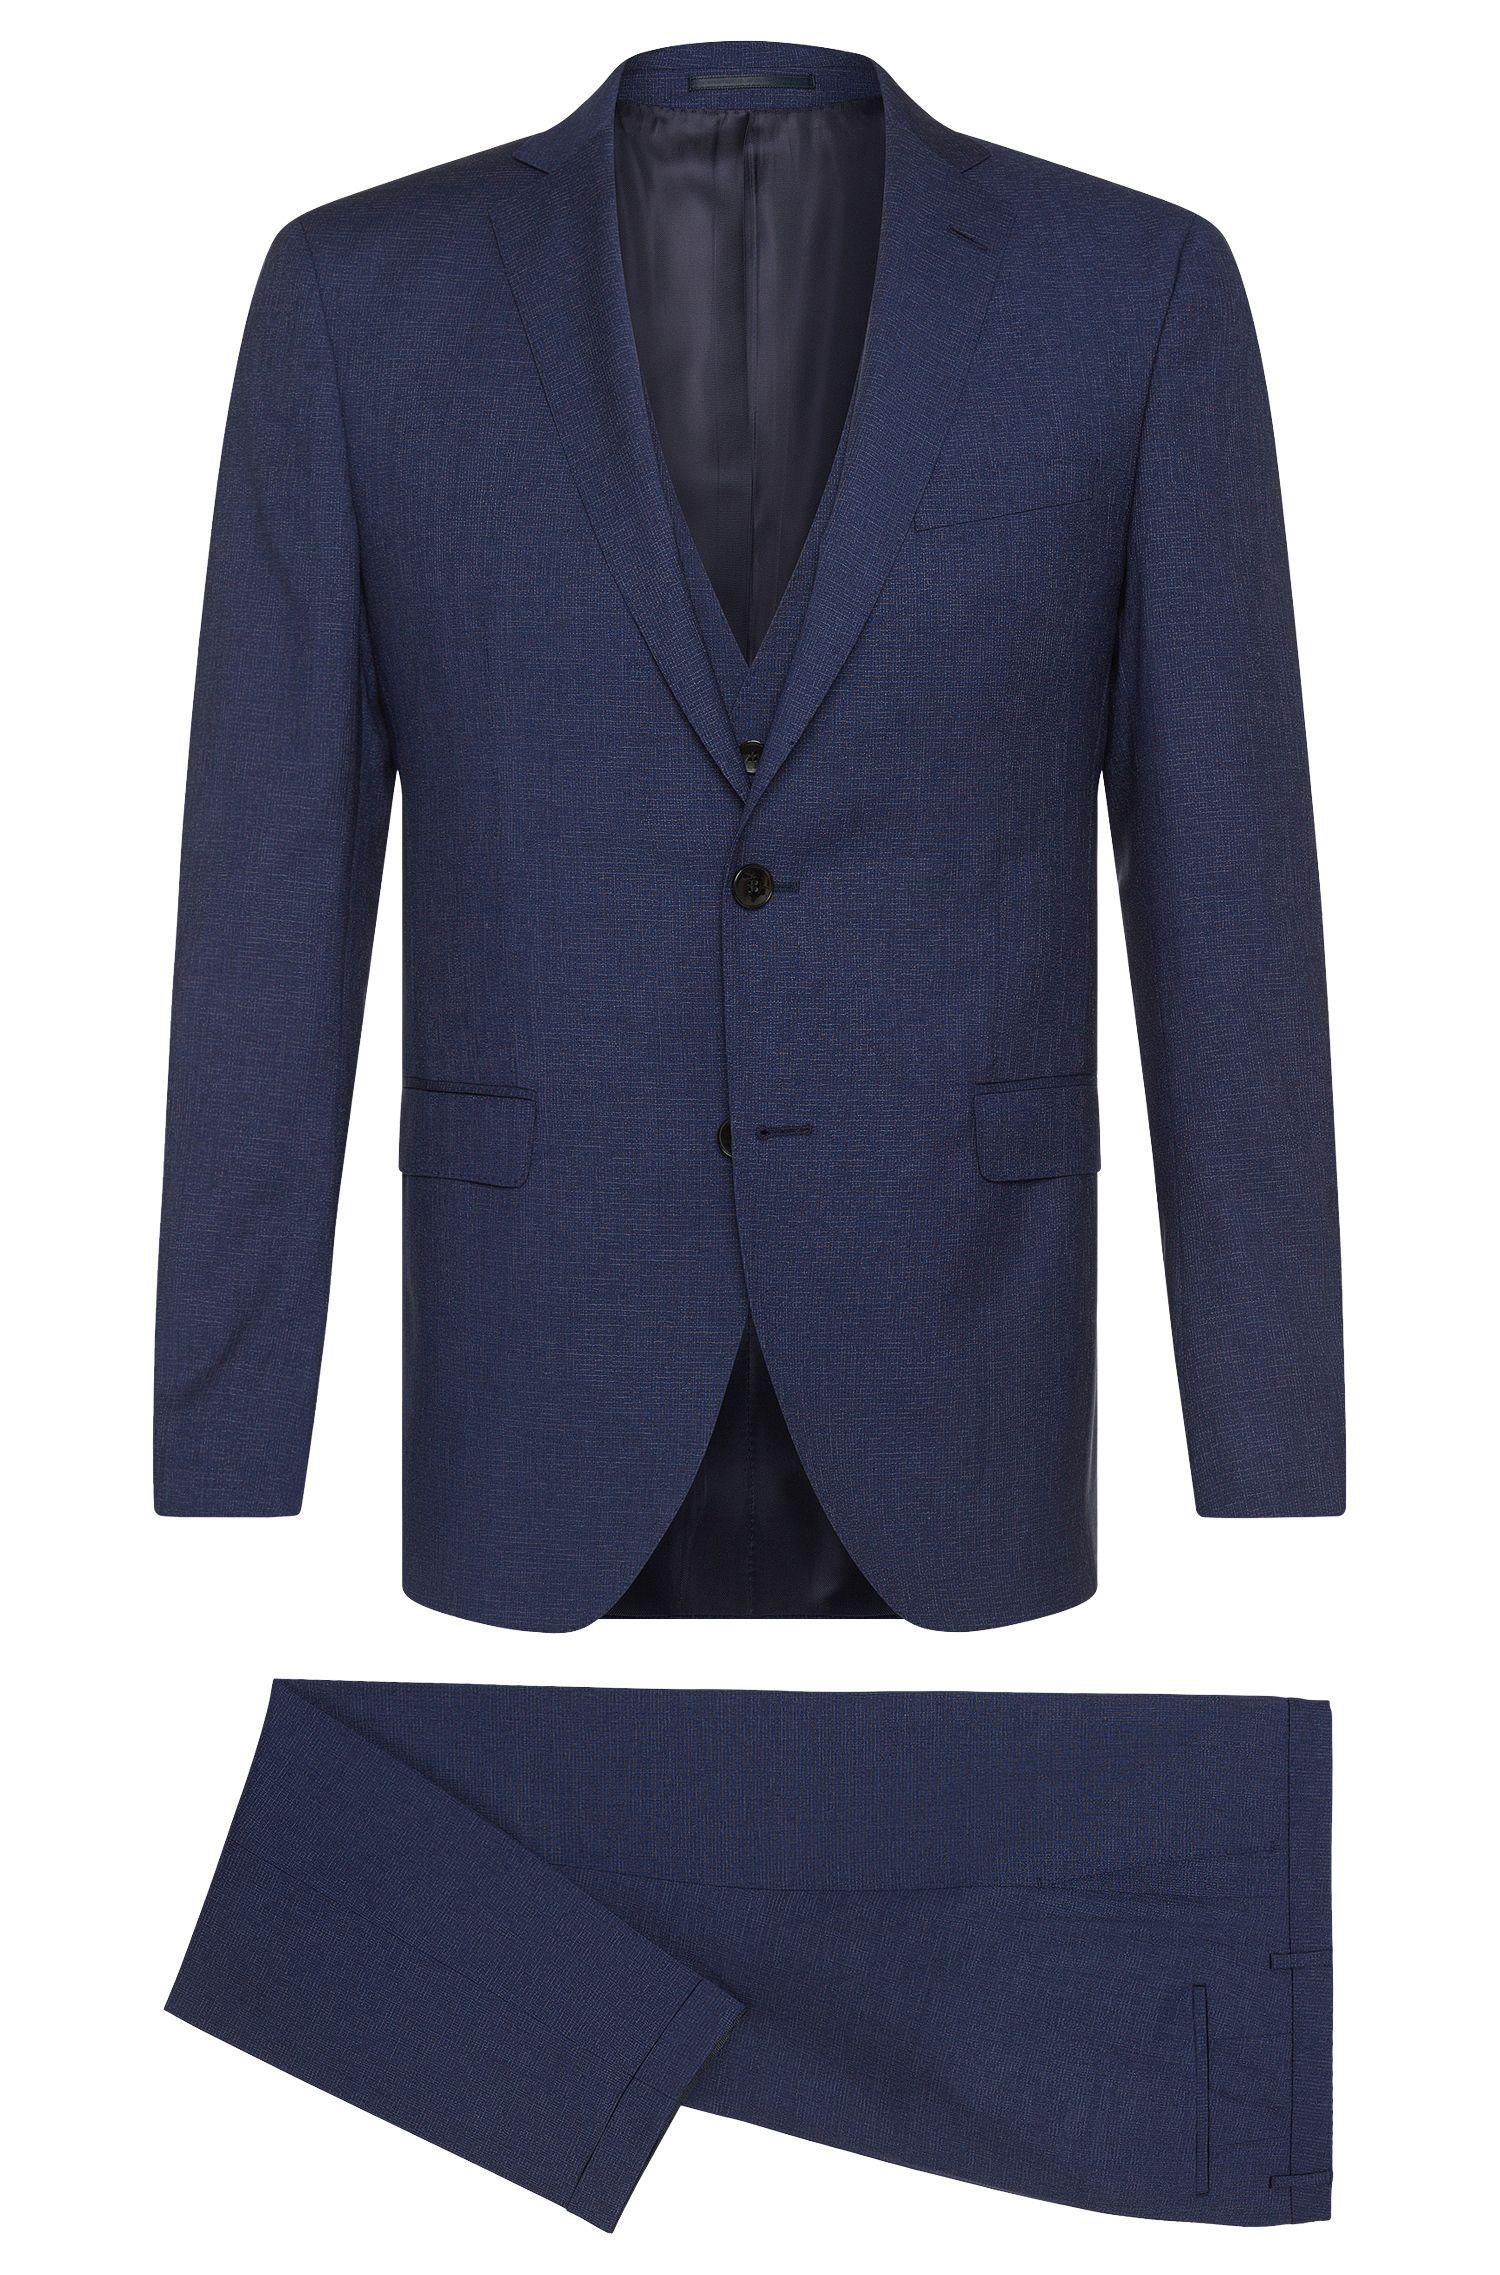 Virgin Wool Silk Blend 3-Piece Suit, Extra-Slim Fit   Reyno/Wave WE